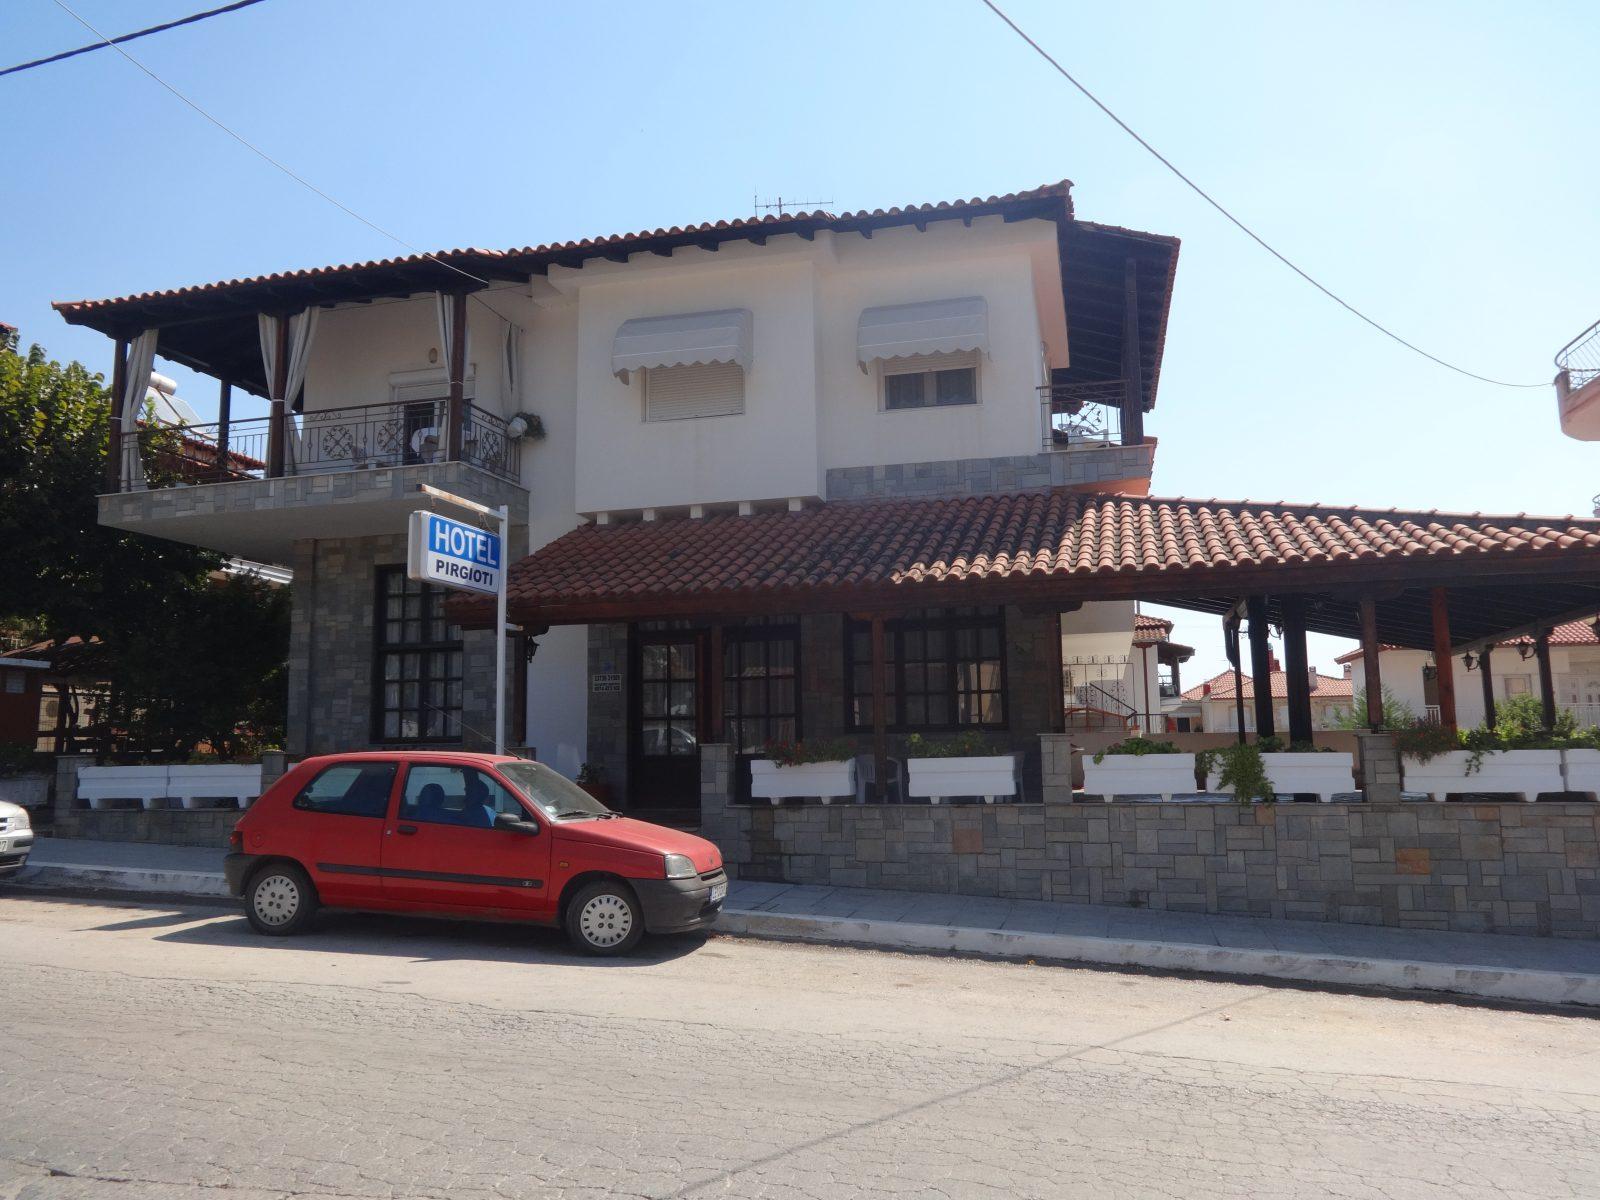 Grcka apartmani letovanje, Nea Flogita Halkidiki, Pirgioti, pogled sa ulice